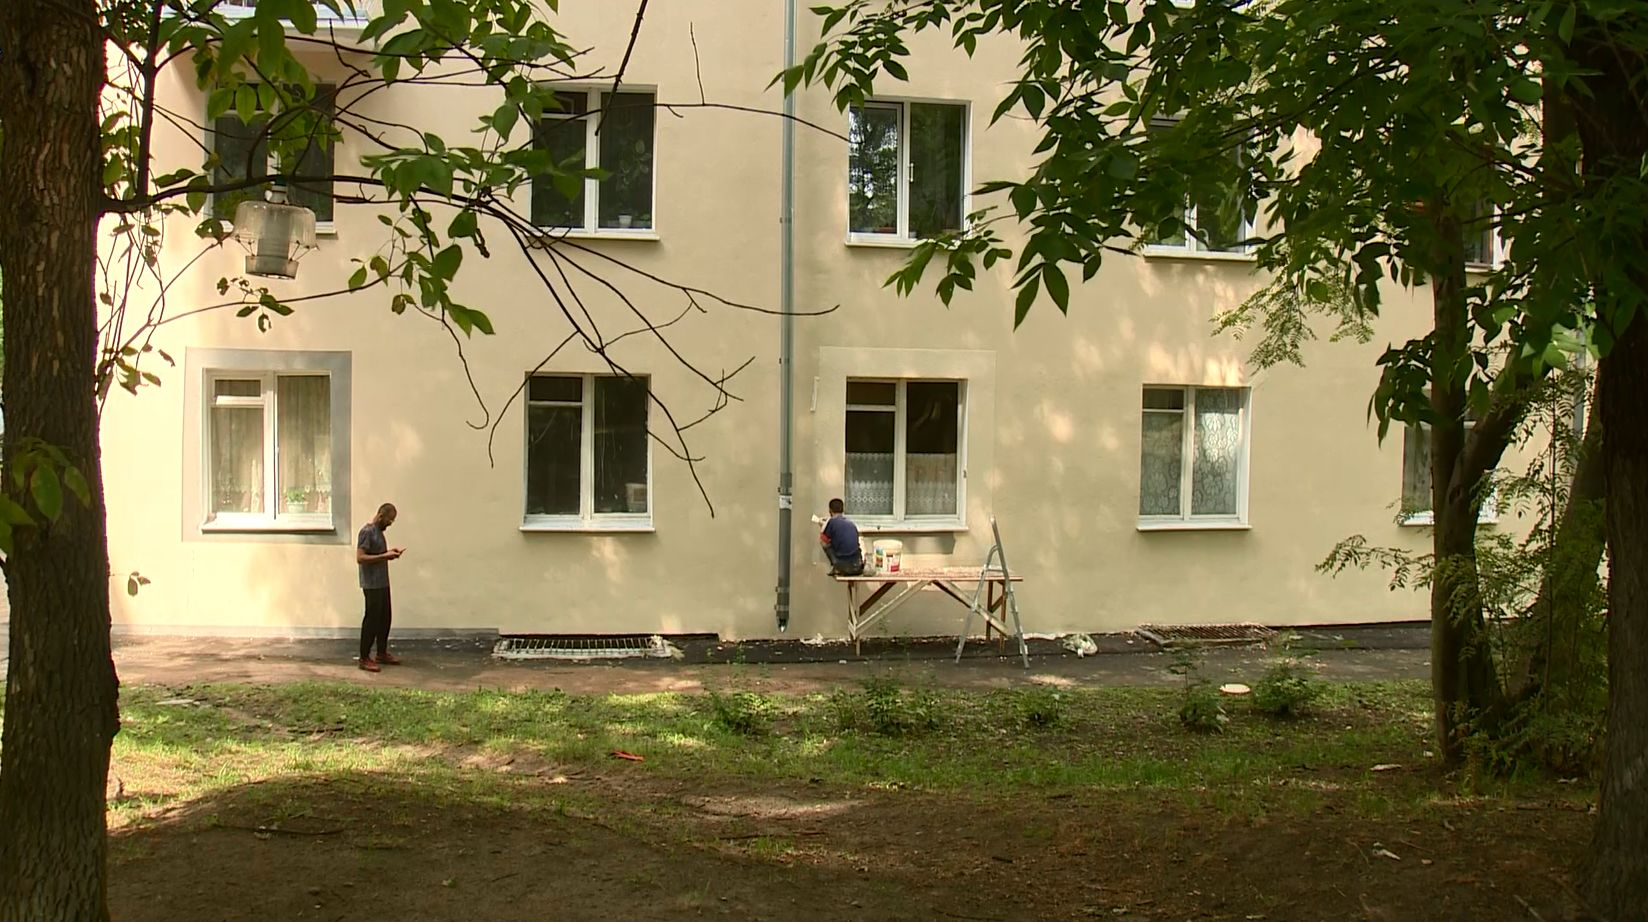 В Ярославле при капремонте многоквартирного дома на Павлова, 7 специалисты выявили косметические дефекты